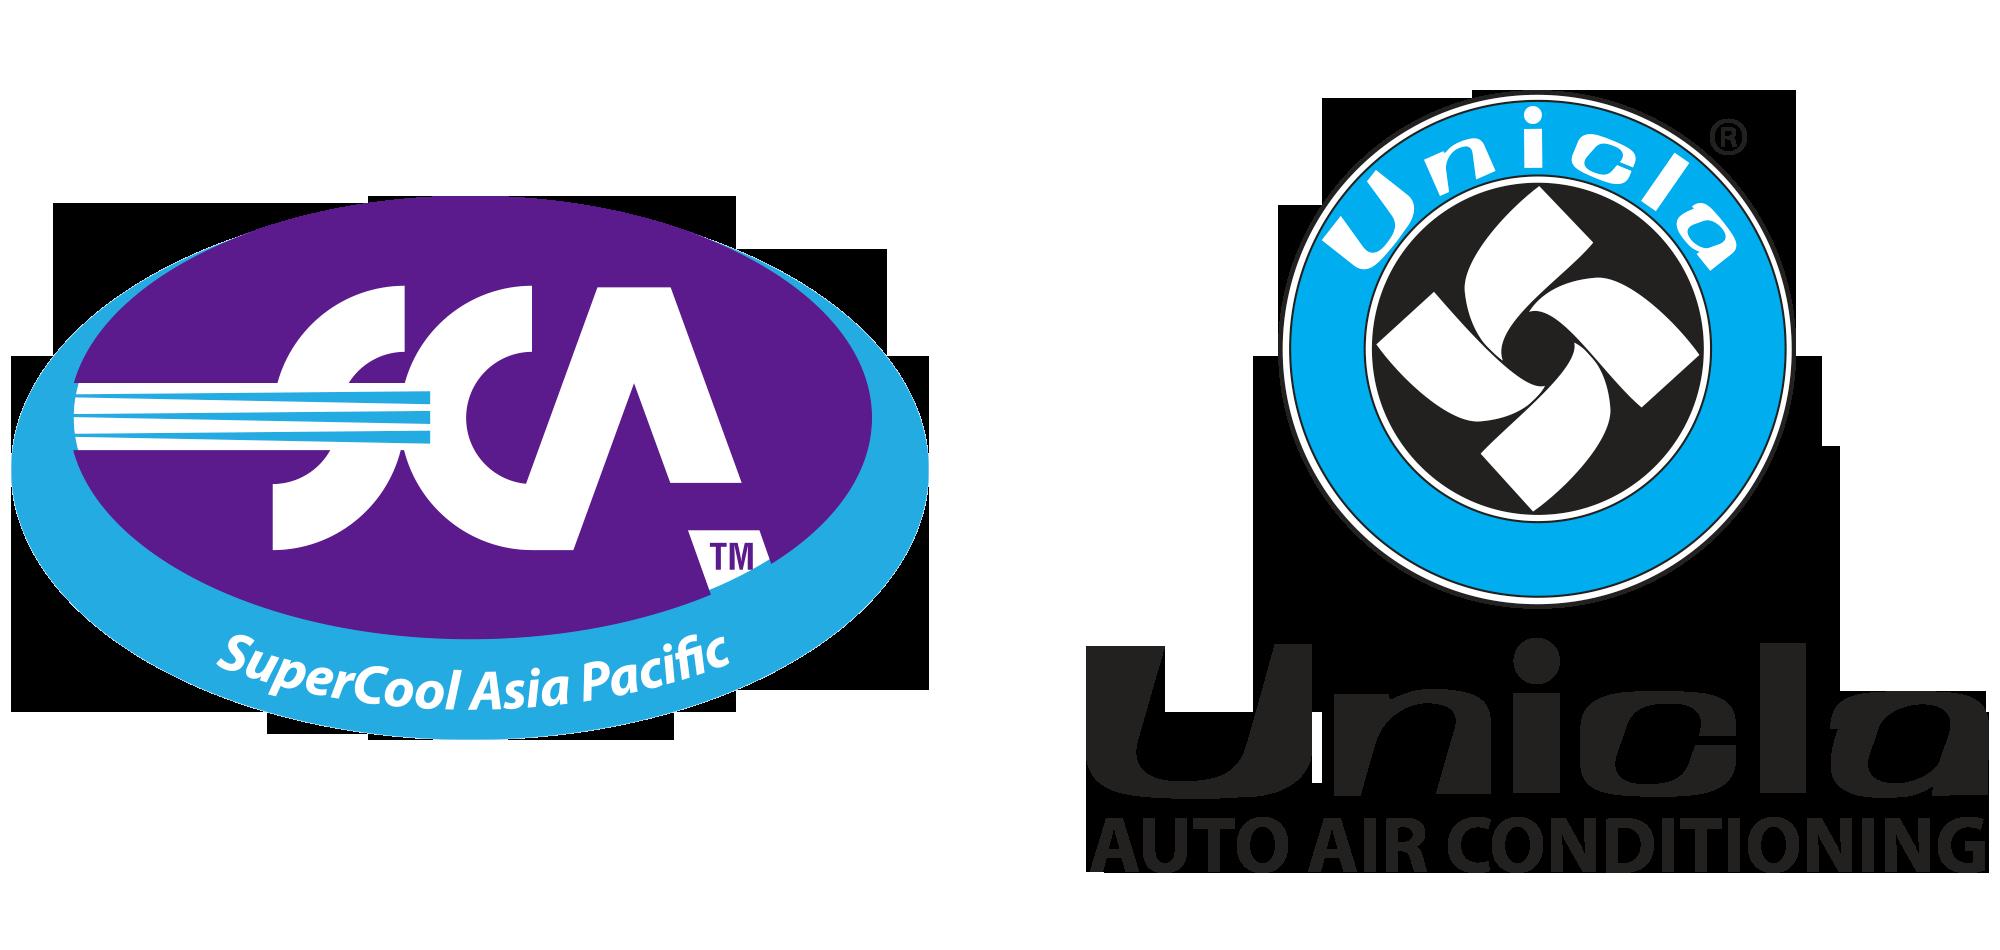 Logo&UniclaAutoAirCondColour